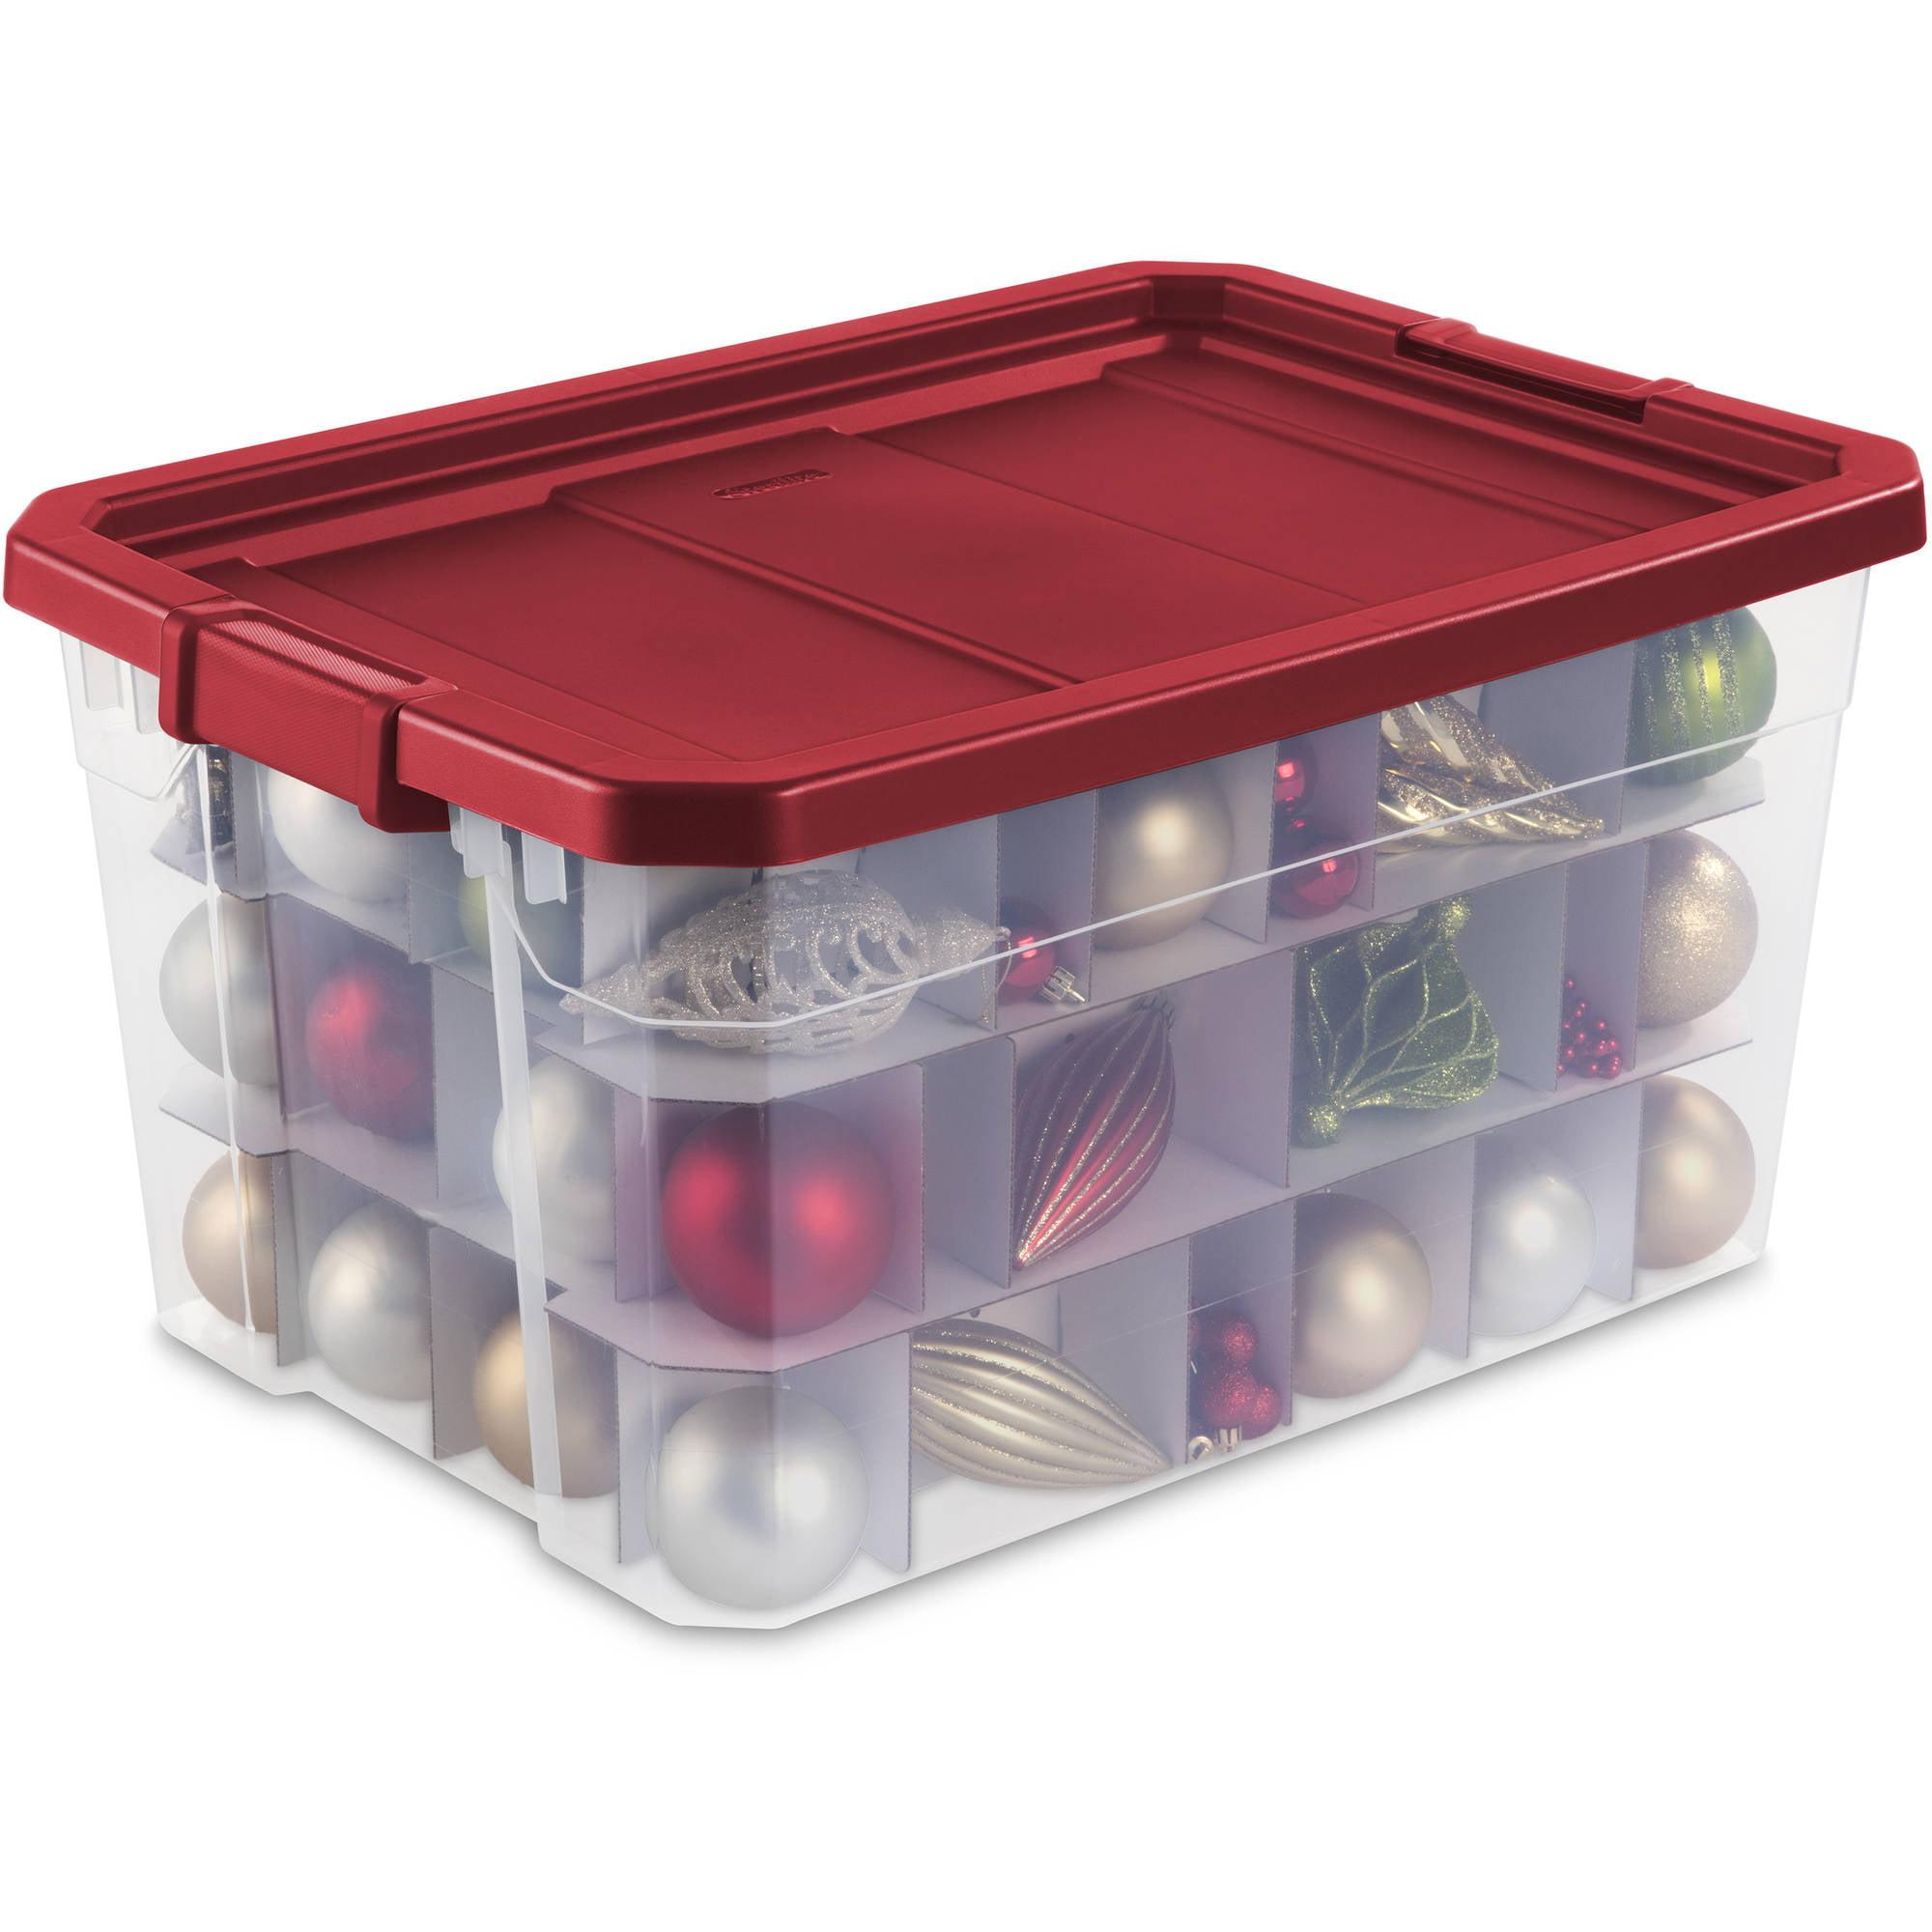 Sterilite 19-Gallon Stacker Ornament Box, Really Red